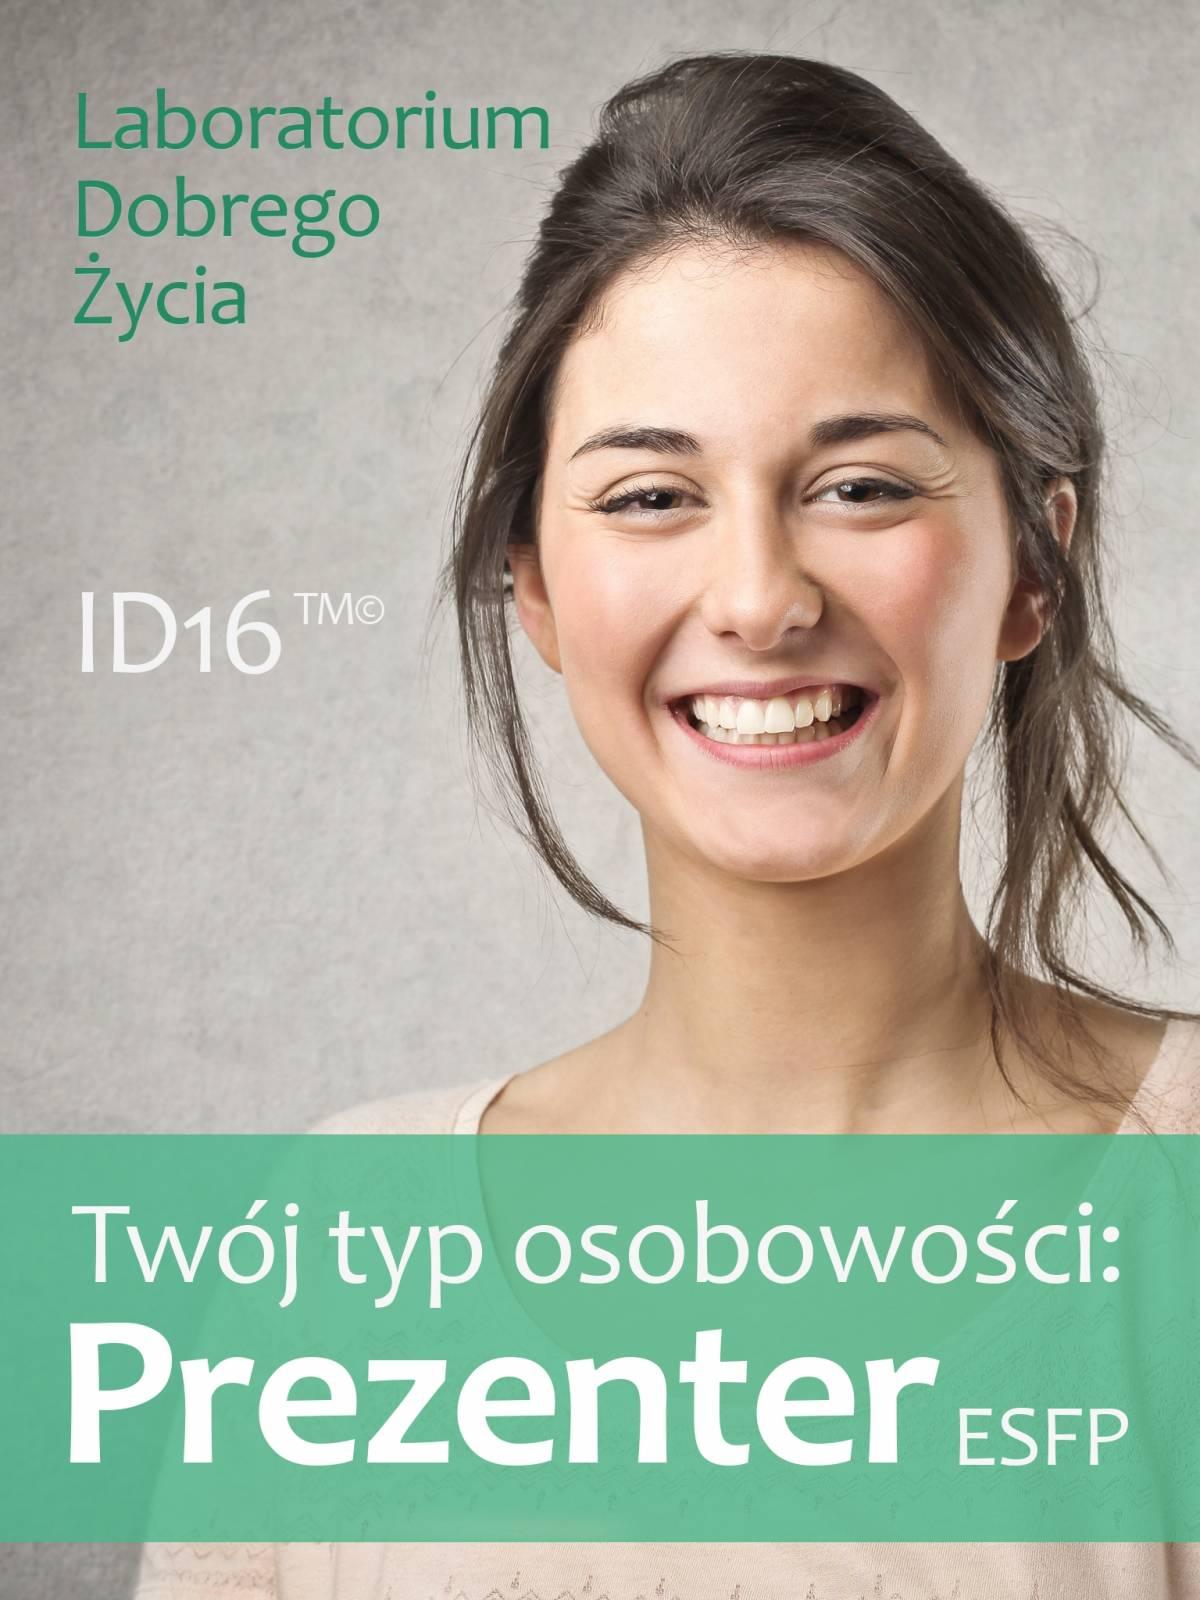 Twój typ osobowości: Prezenter (ESFP) - Ebook (Książka na Kindle) do pobrania w formacie MOBI